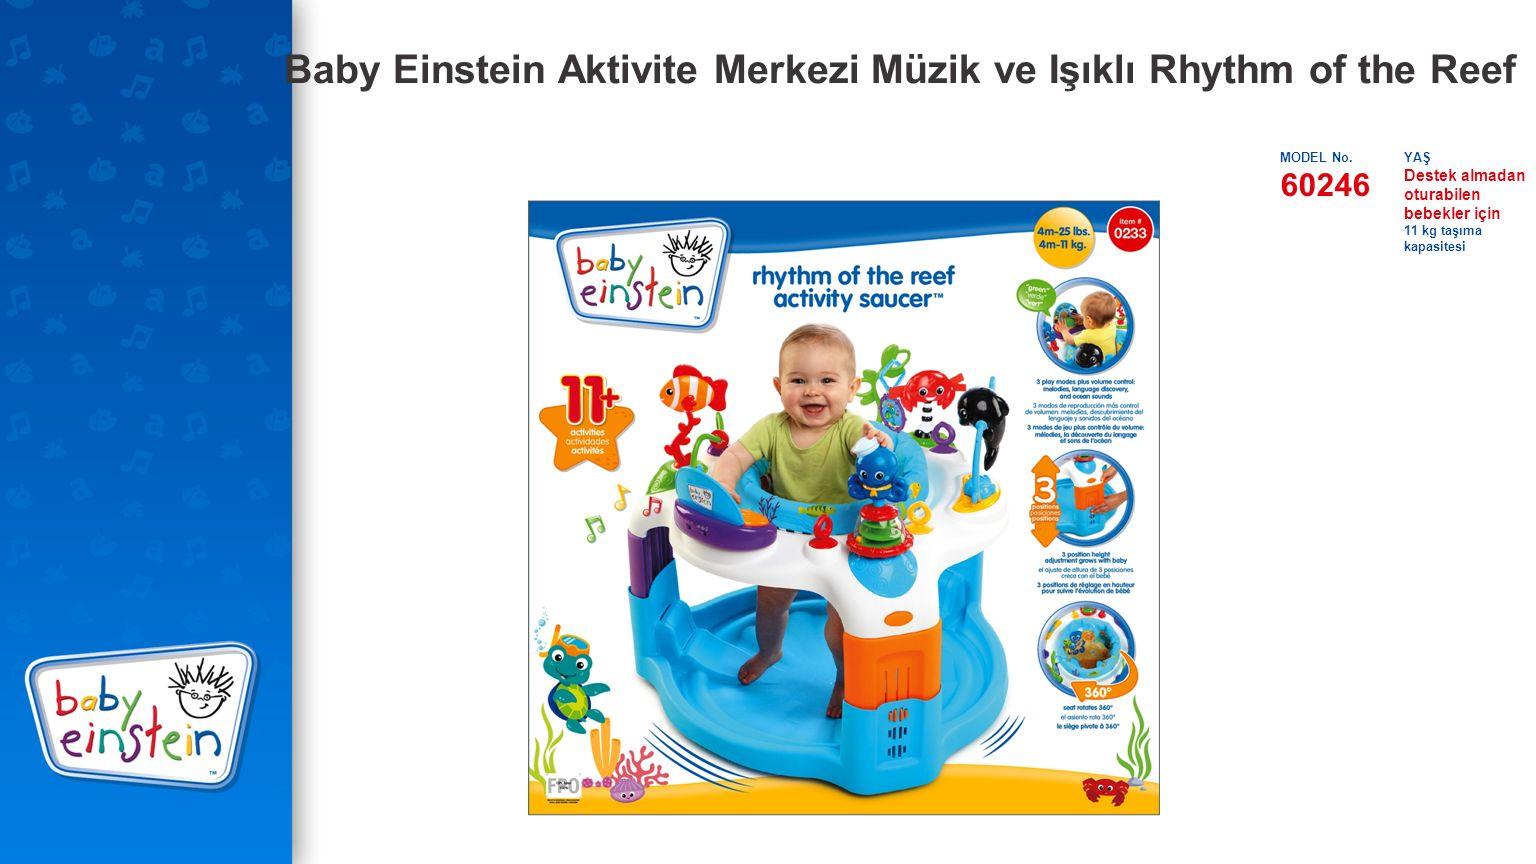 Baby Einstein Aktivite Merkezi Müzik ve Işıklı Rhythm of the Reef MODEL No.YAŞ 60246 Destek almadan oturabilen bebekler için 11 kg taşıma kapasitesi